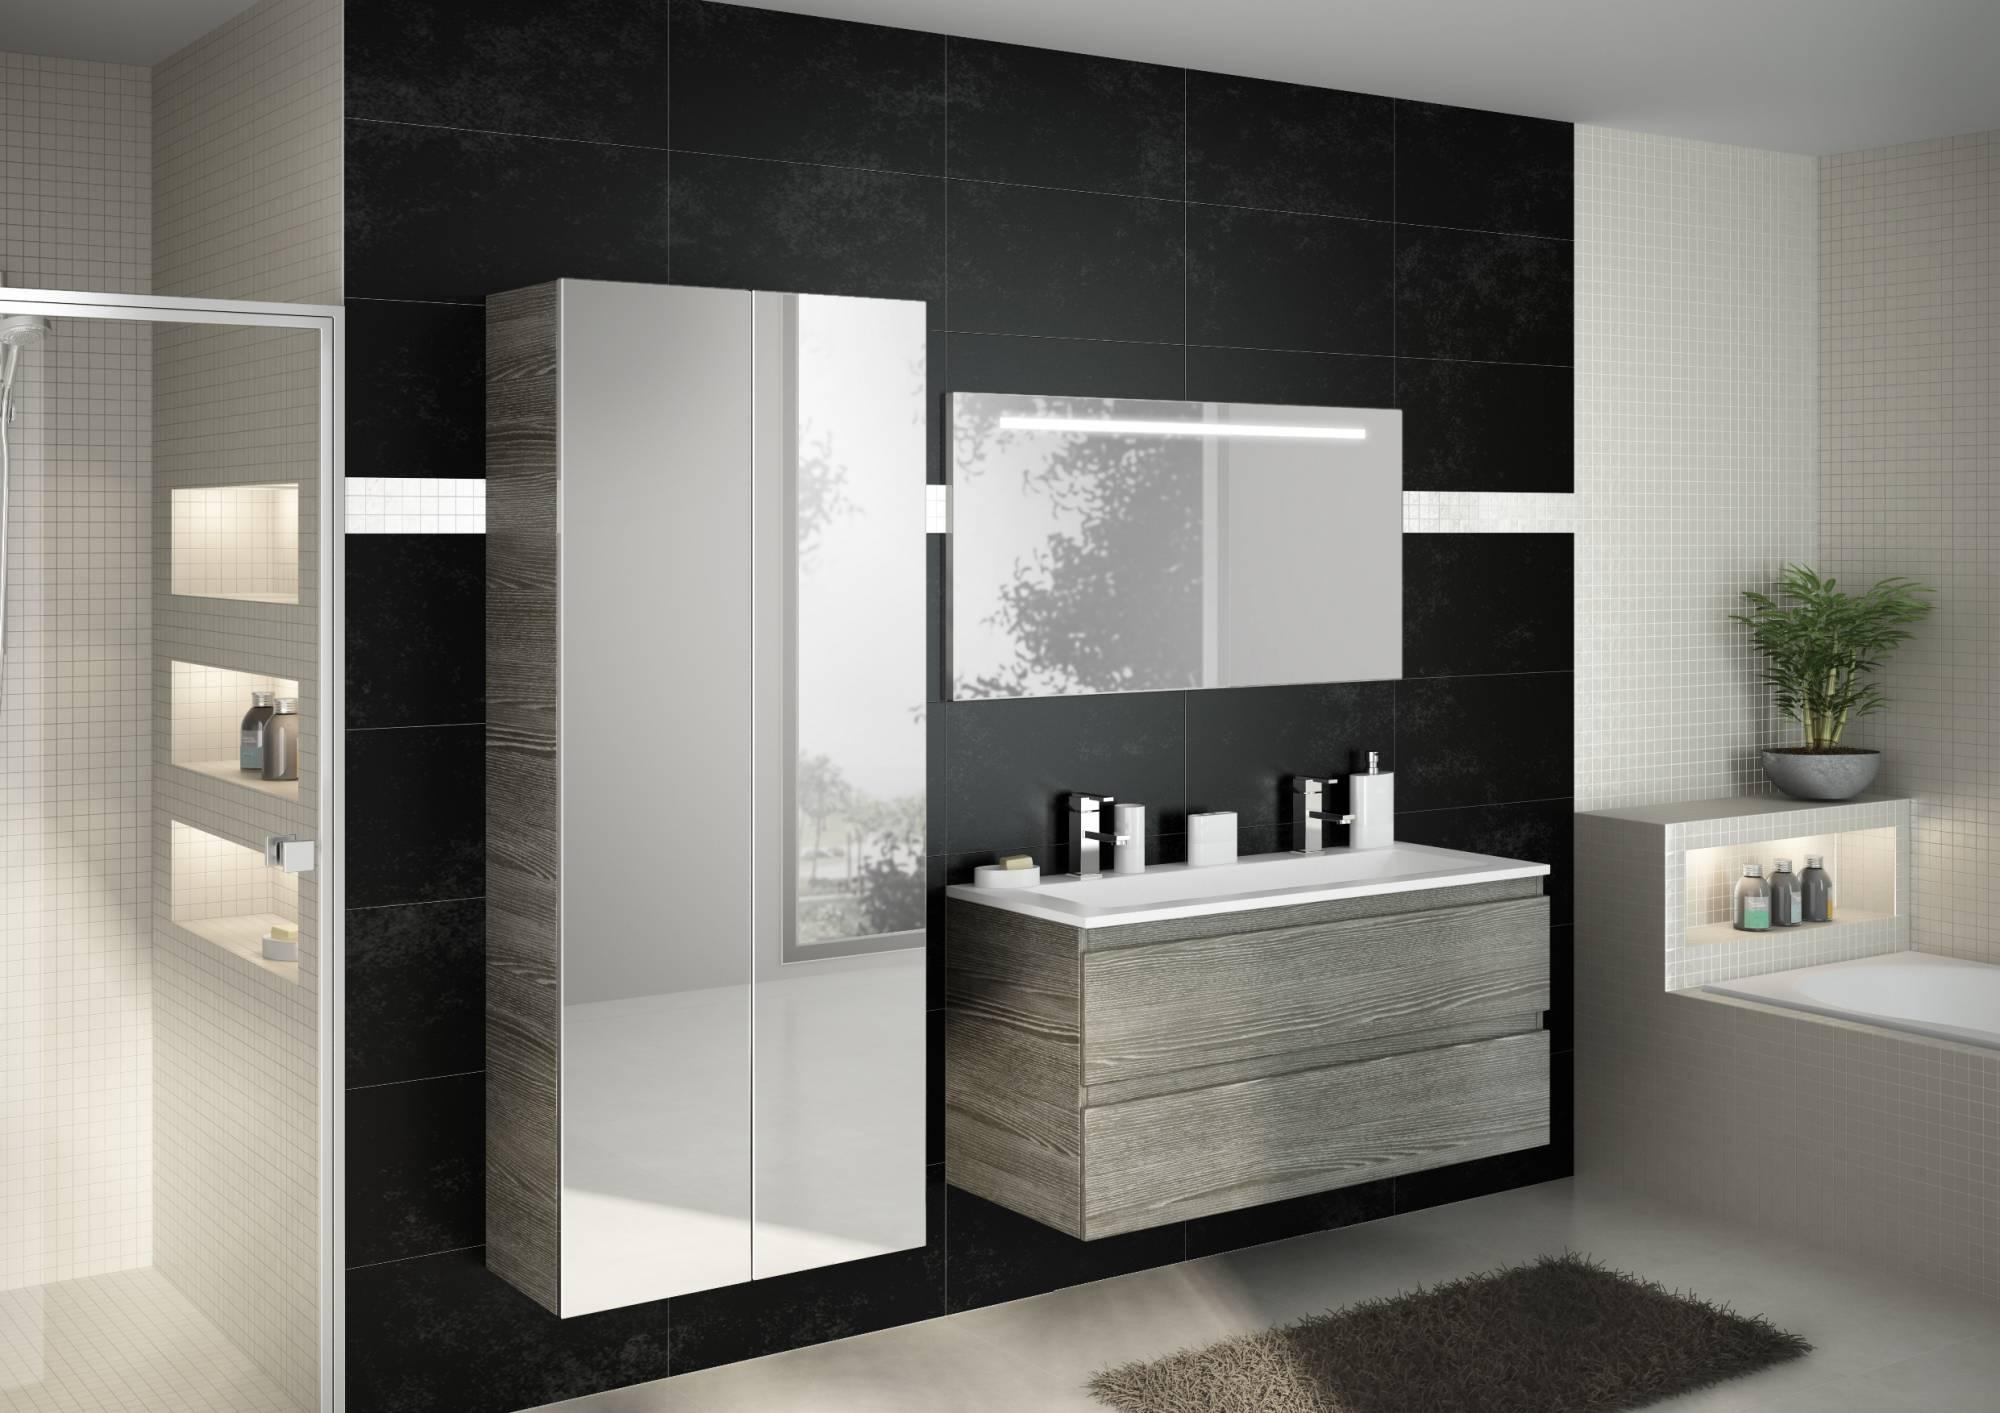 Vente de meuble suspendu pour salle de bains rivage for Meuble de salle de bain suspendu